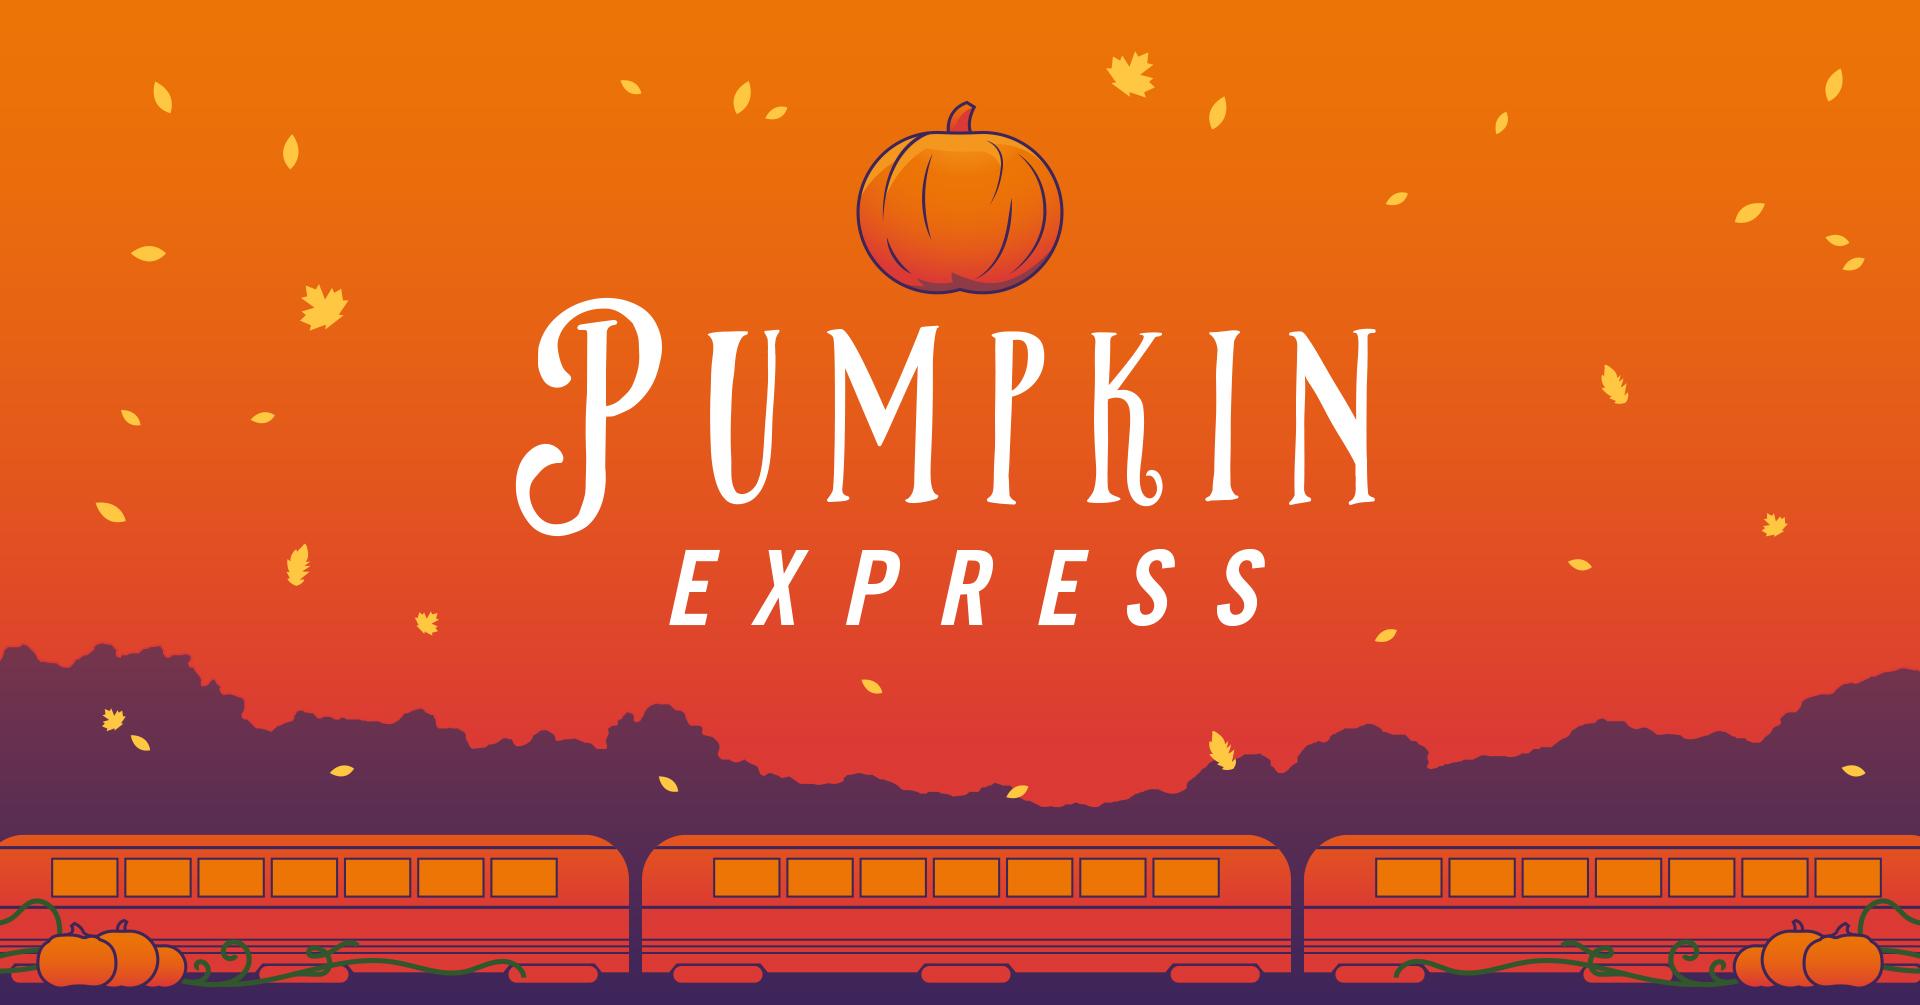 PumpkinExpress-EventCover.jpg